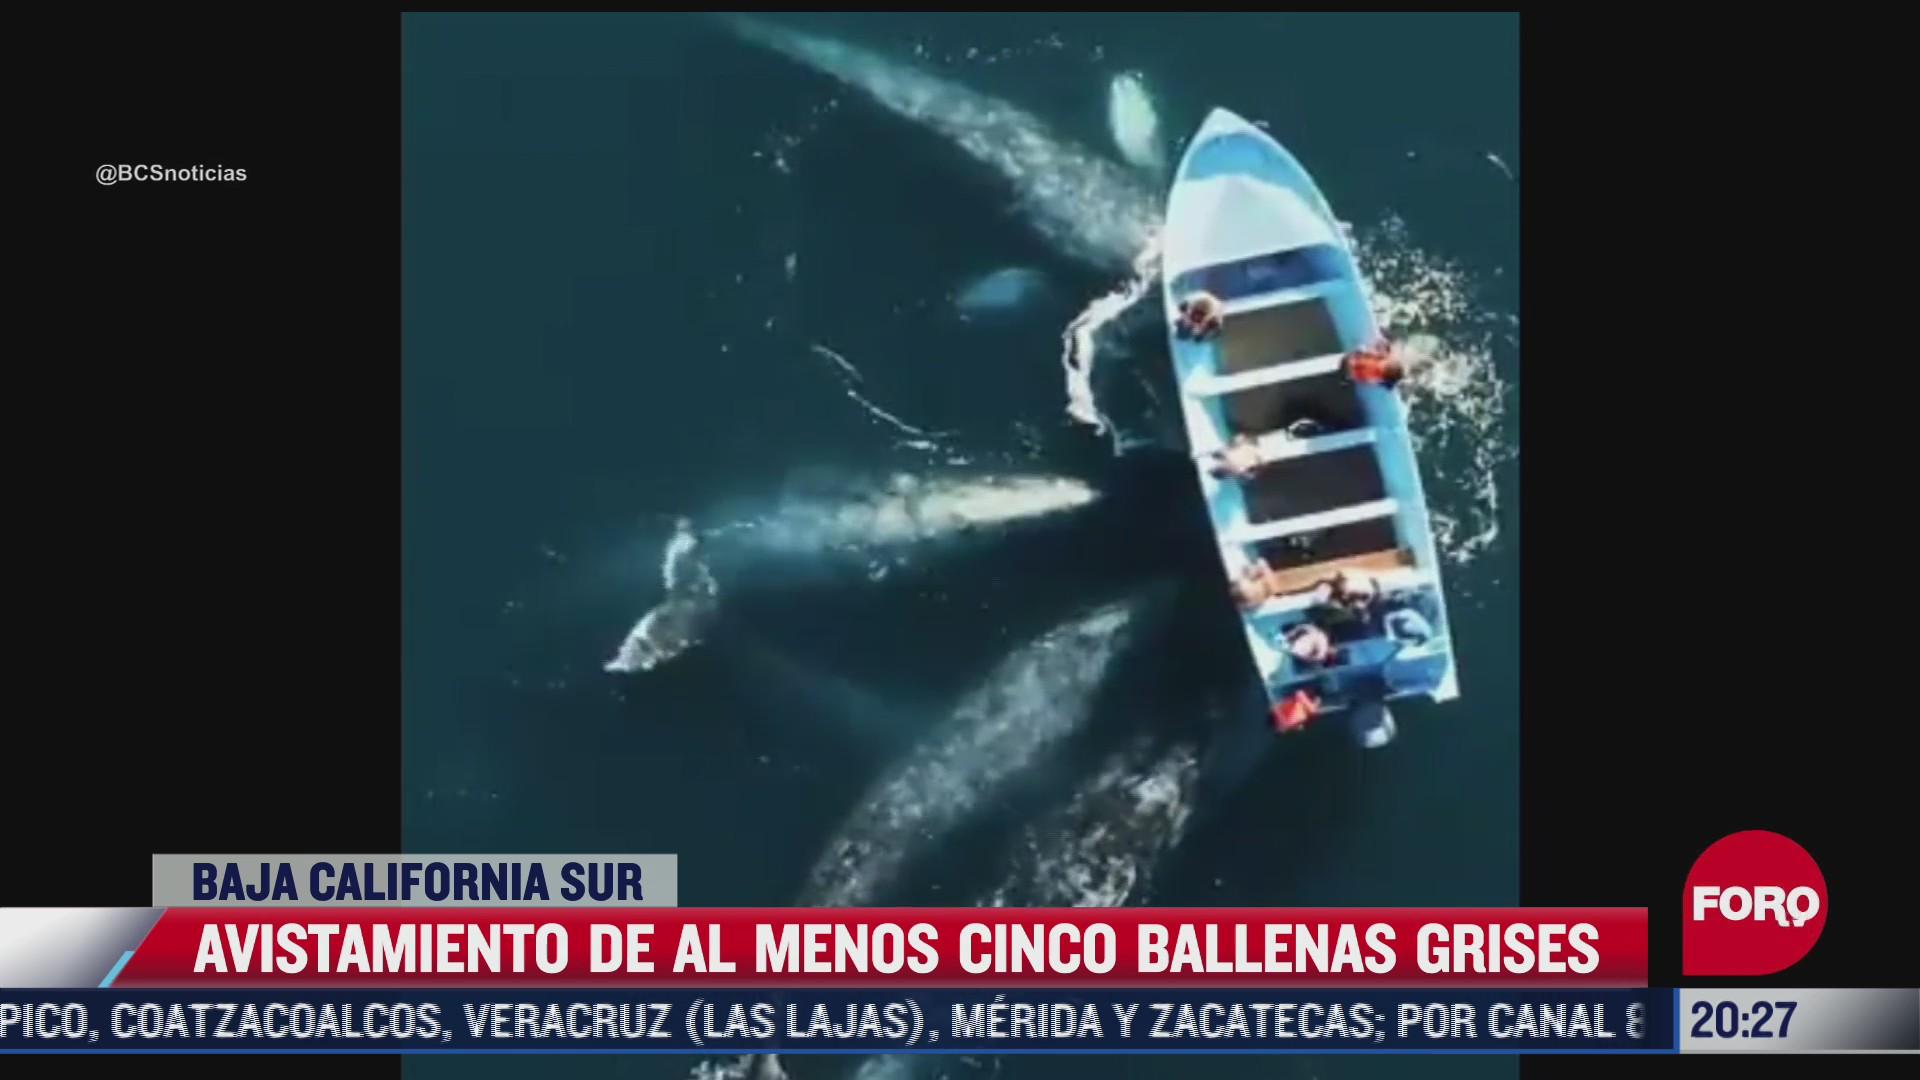 avistamiento de al menos 5 ballenas grises en bcs